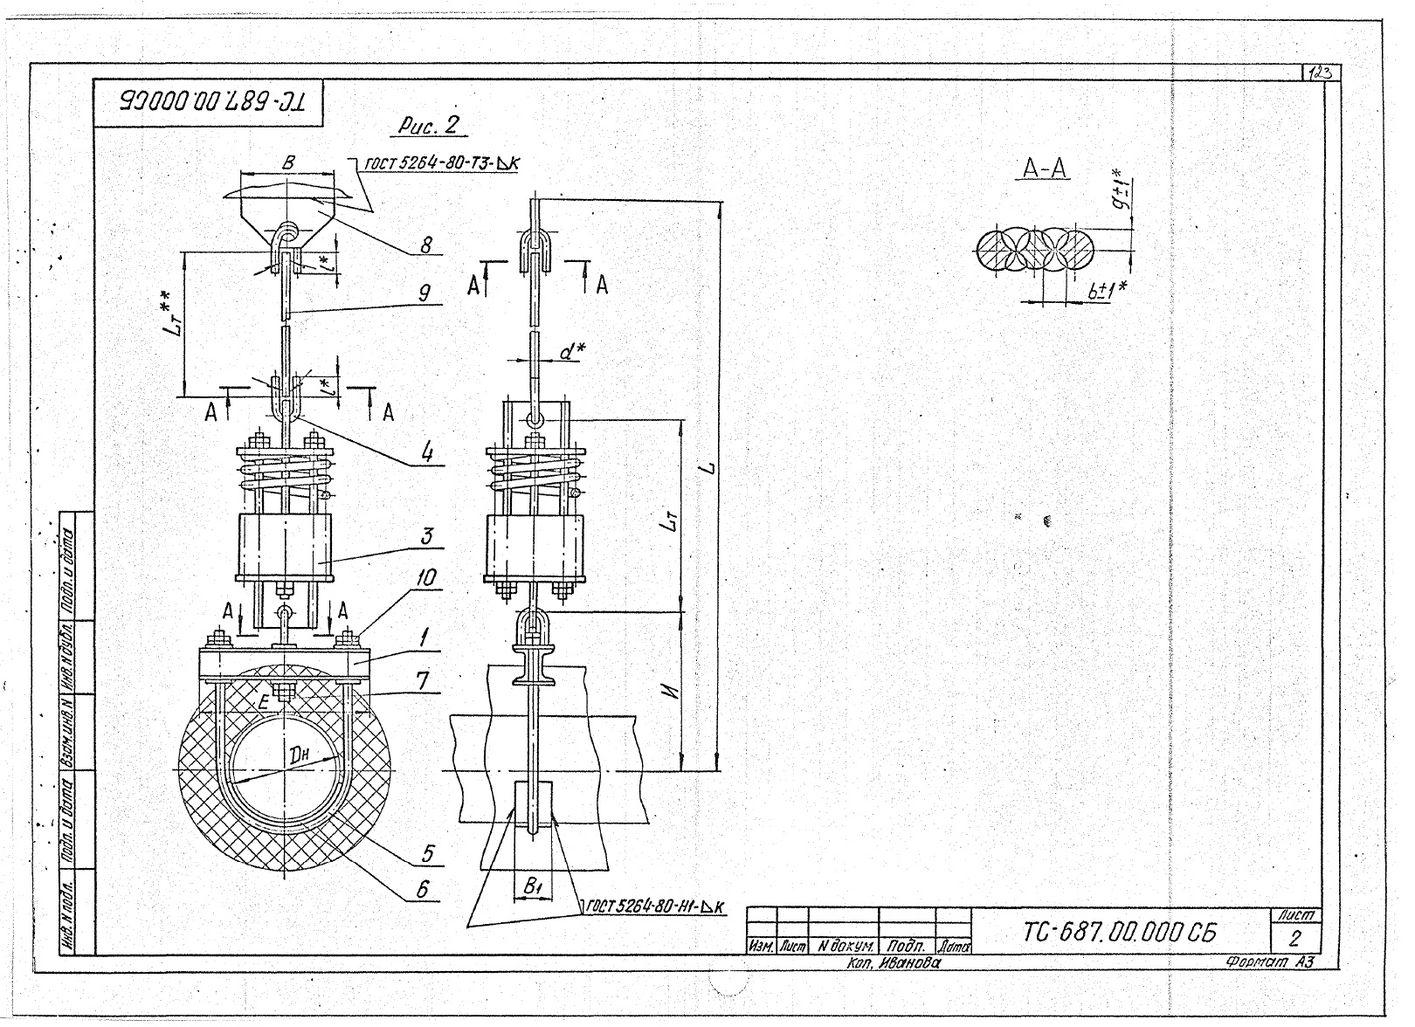 Подвески пружинные для горизонтальных трубопроводов Дн 159-426 мм ТС-687.00.000 СБ серия 5.903-13 выпуск 6-95 стр.2